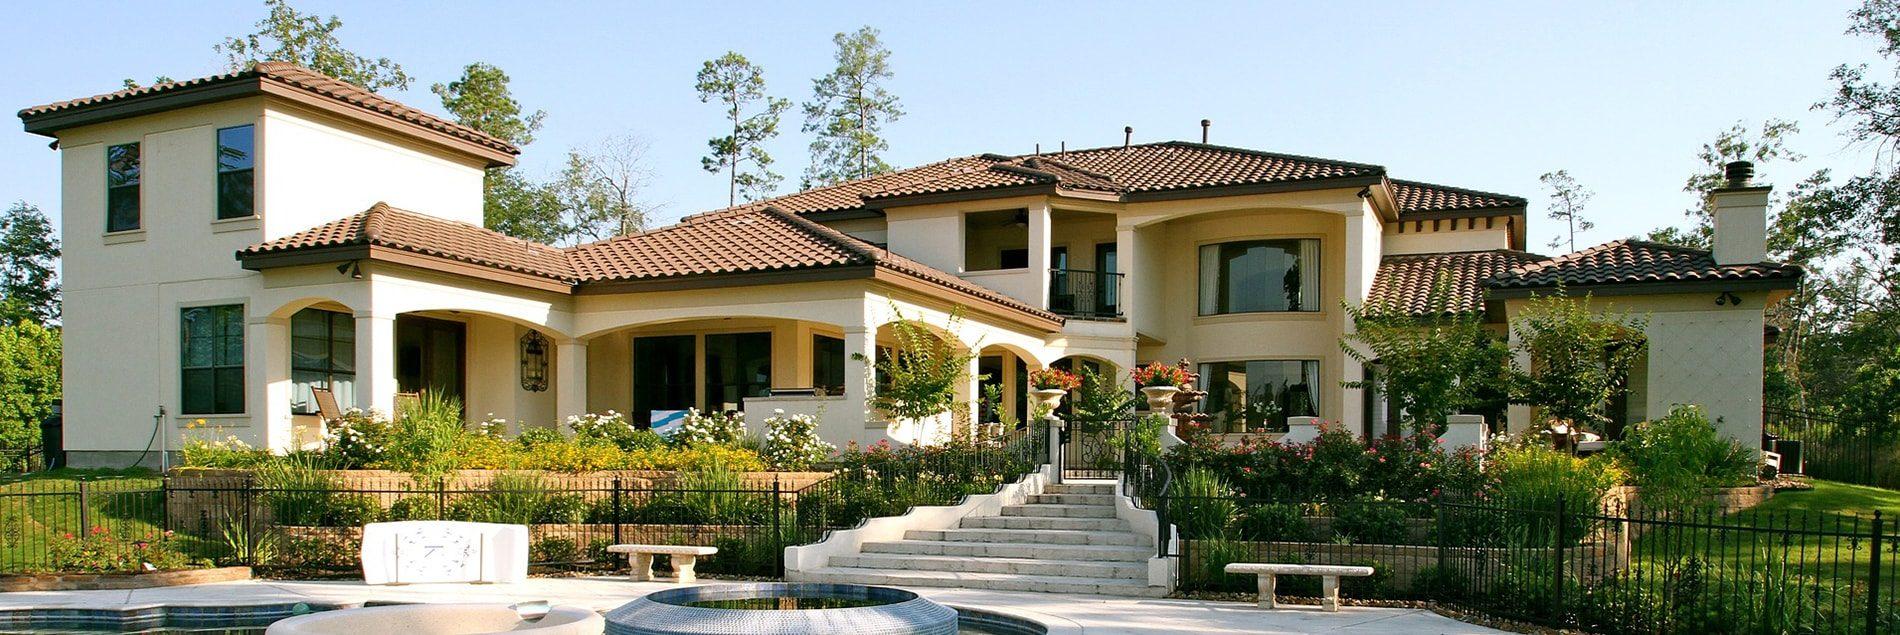 agrandir sa maison à Aix en Provence